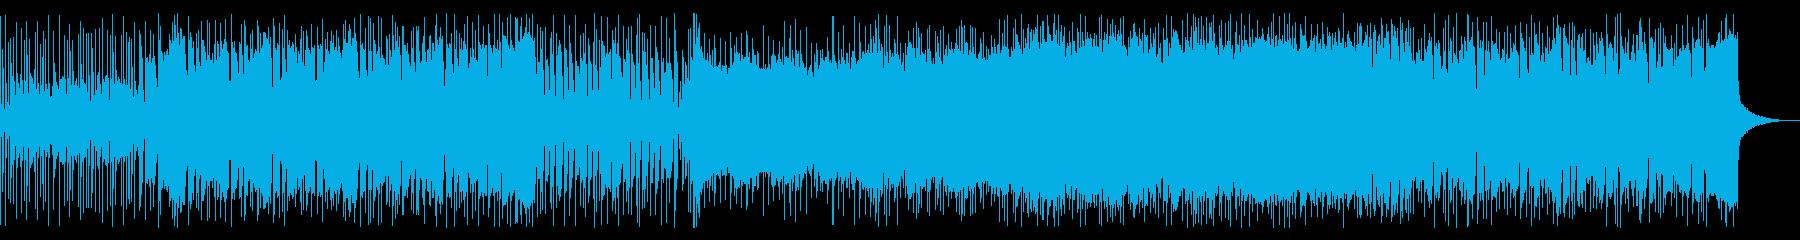 ファンキーでアップテンポなロックの再生済みの波形